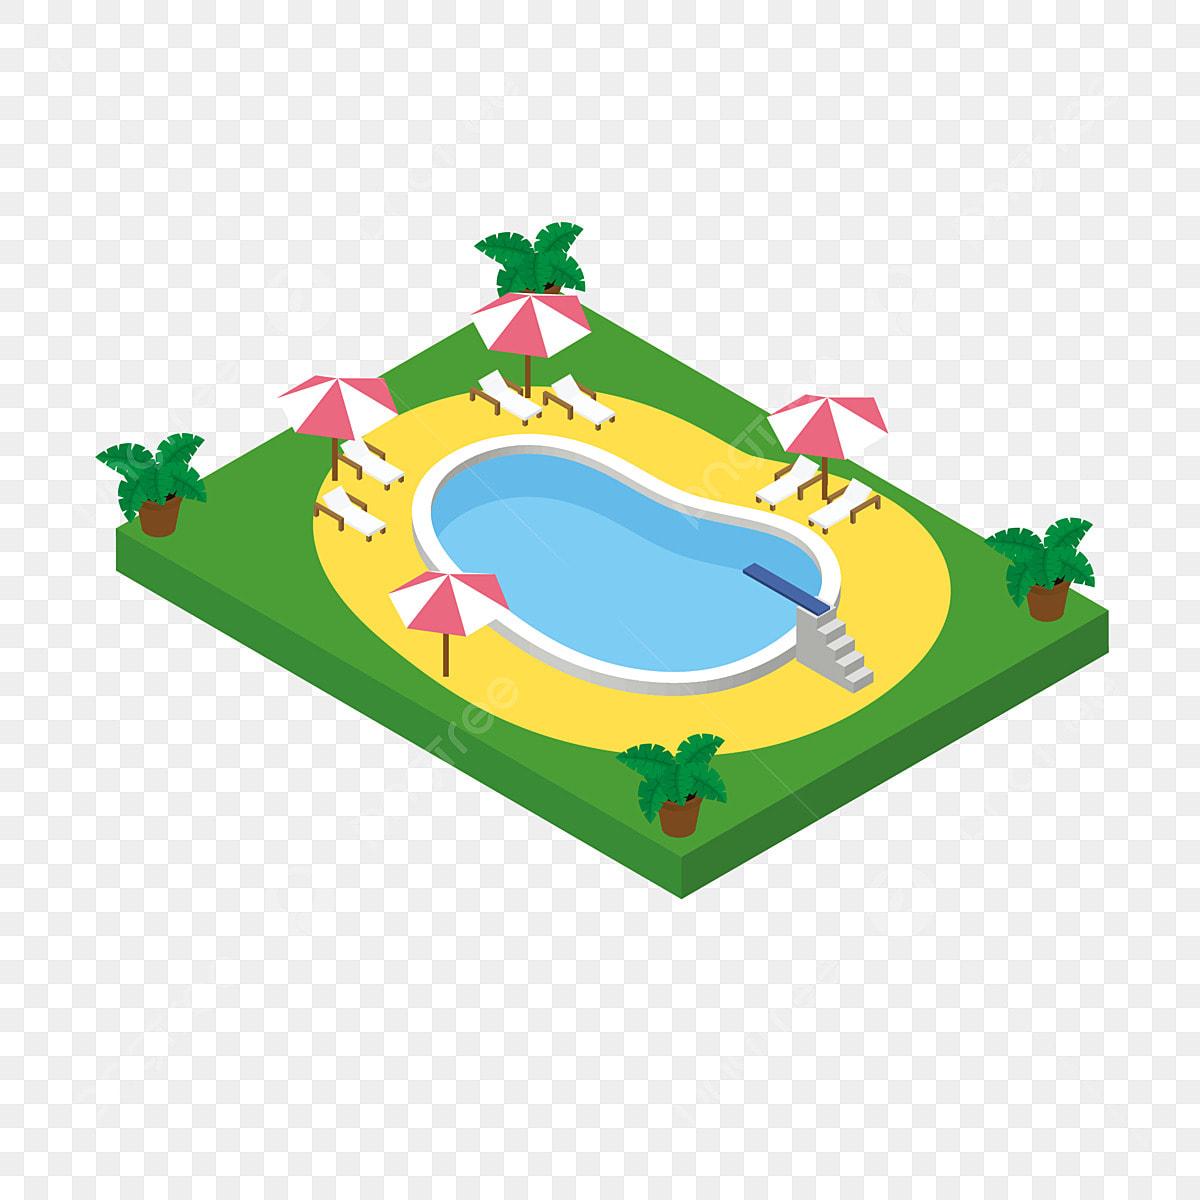 dessin anim u00e9 piscine 2d piscine dessin anim u00e9 2d vert 2d